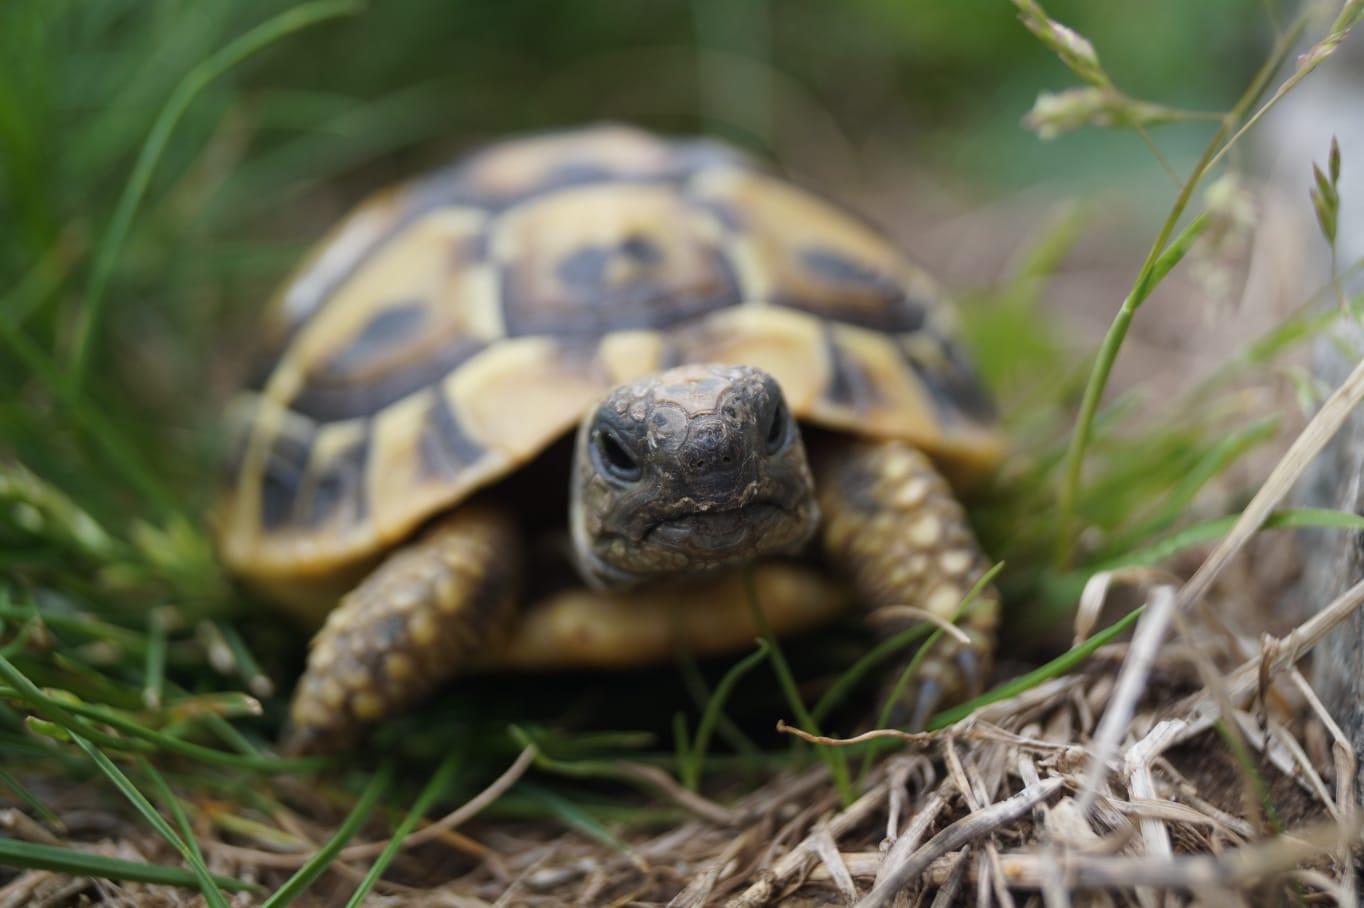 Unsere kleine Slowly (Griechische Landschildkröte)